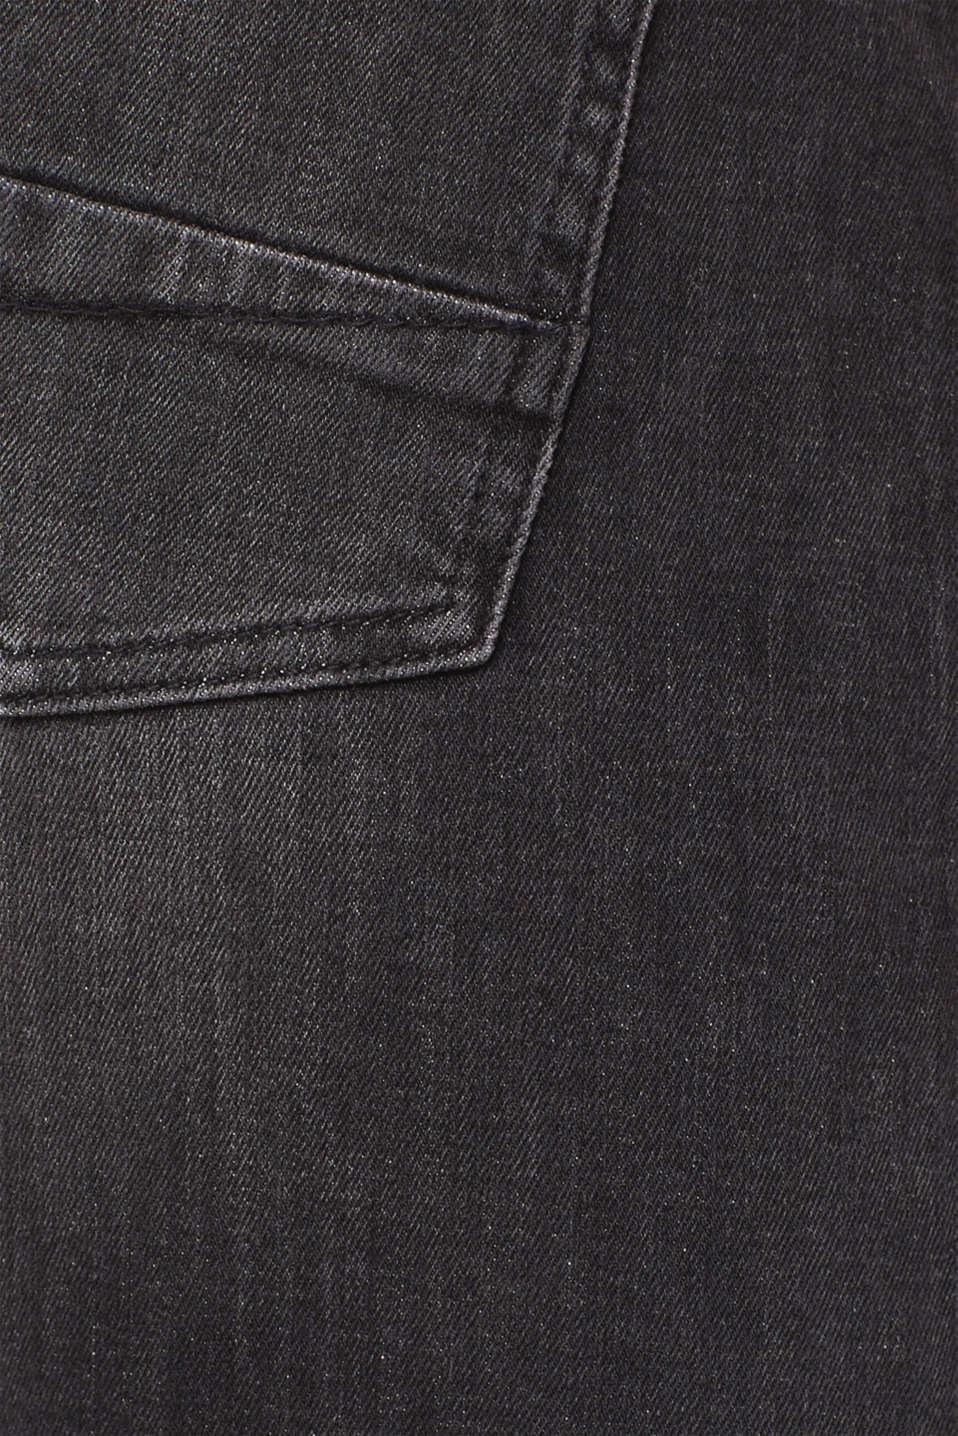 Dynamic denim with super stretch for comfort, BLACK MEDIUM WASH, detail image number 4